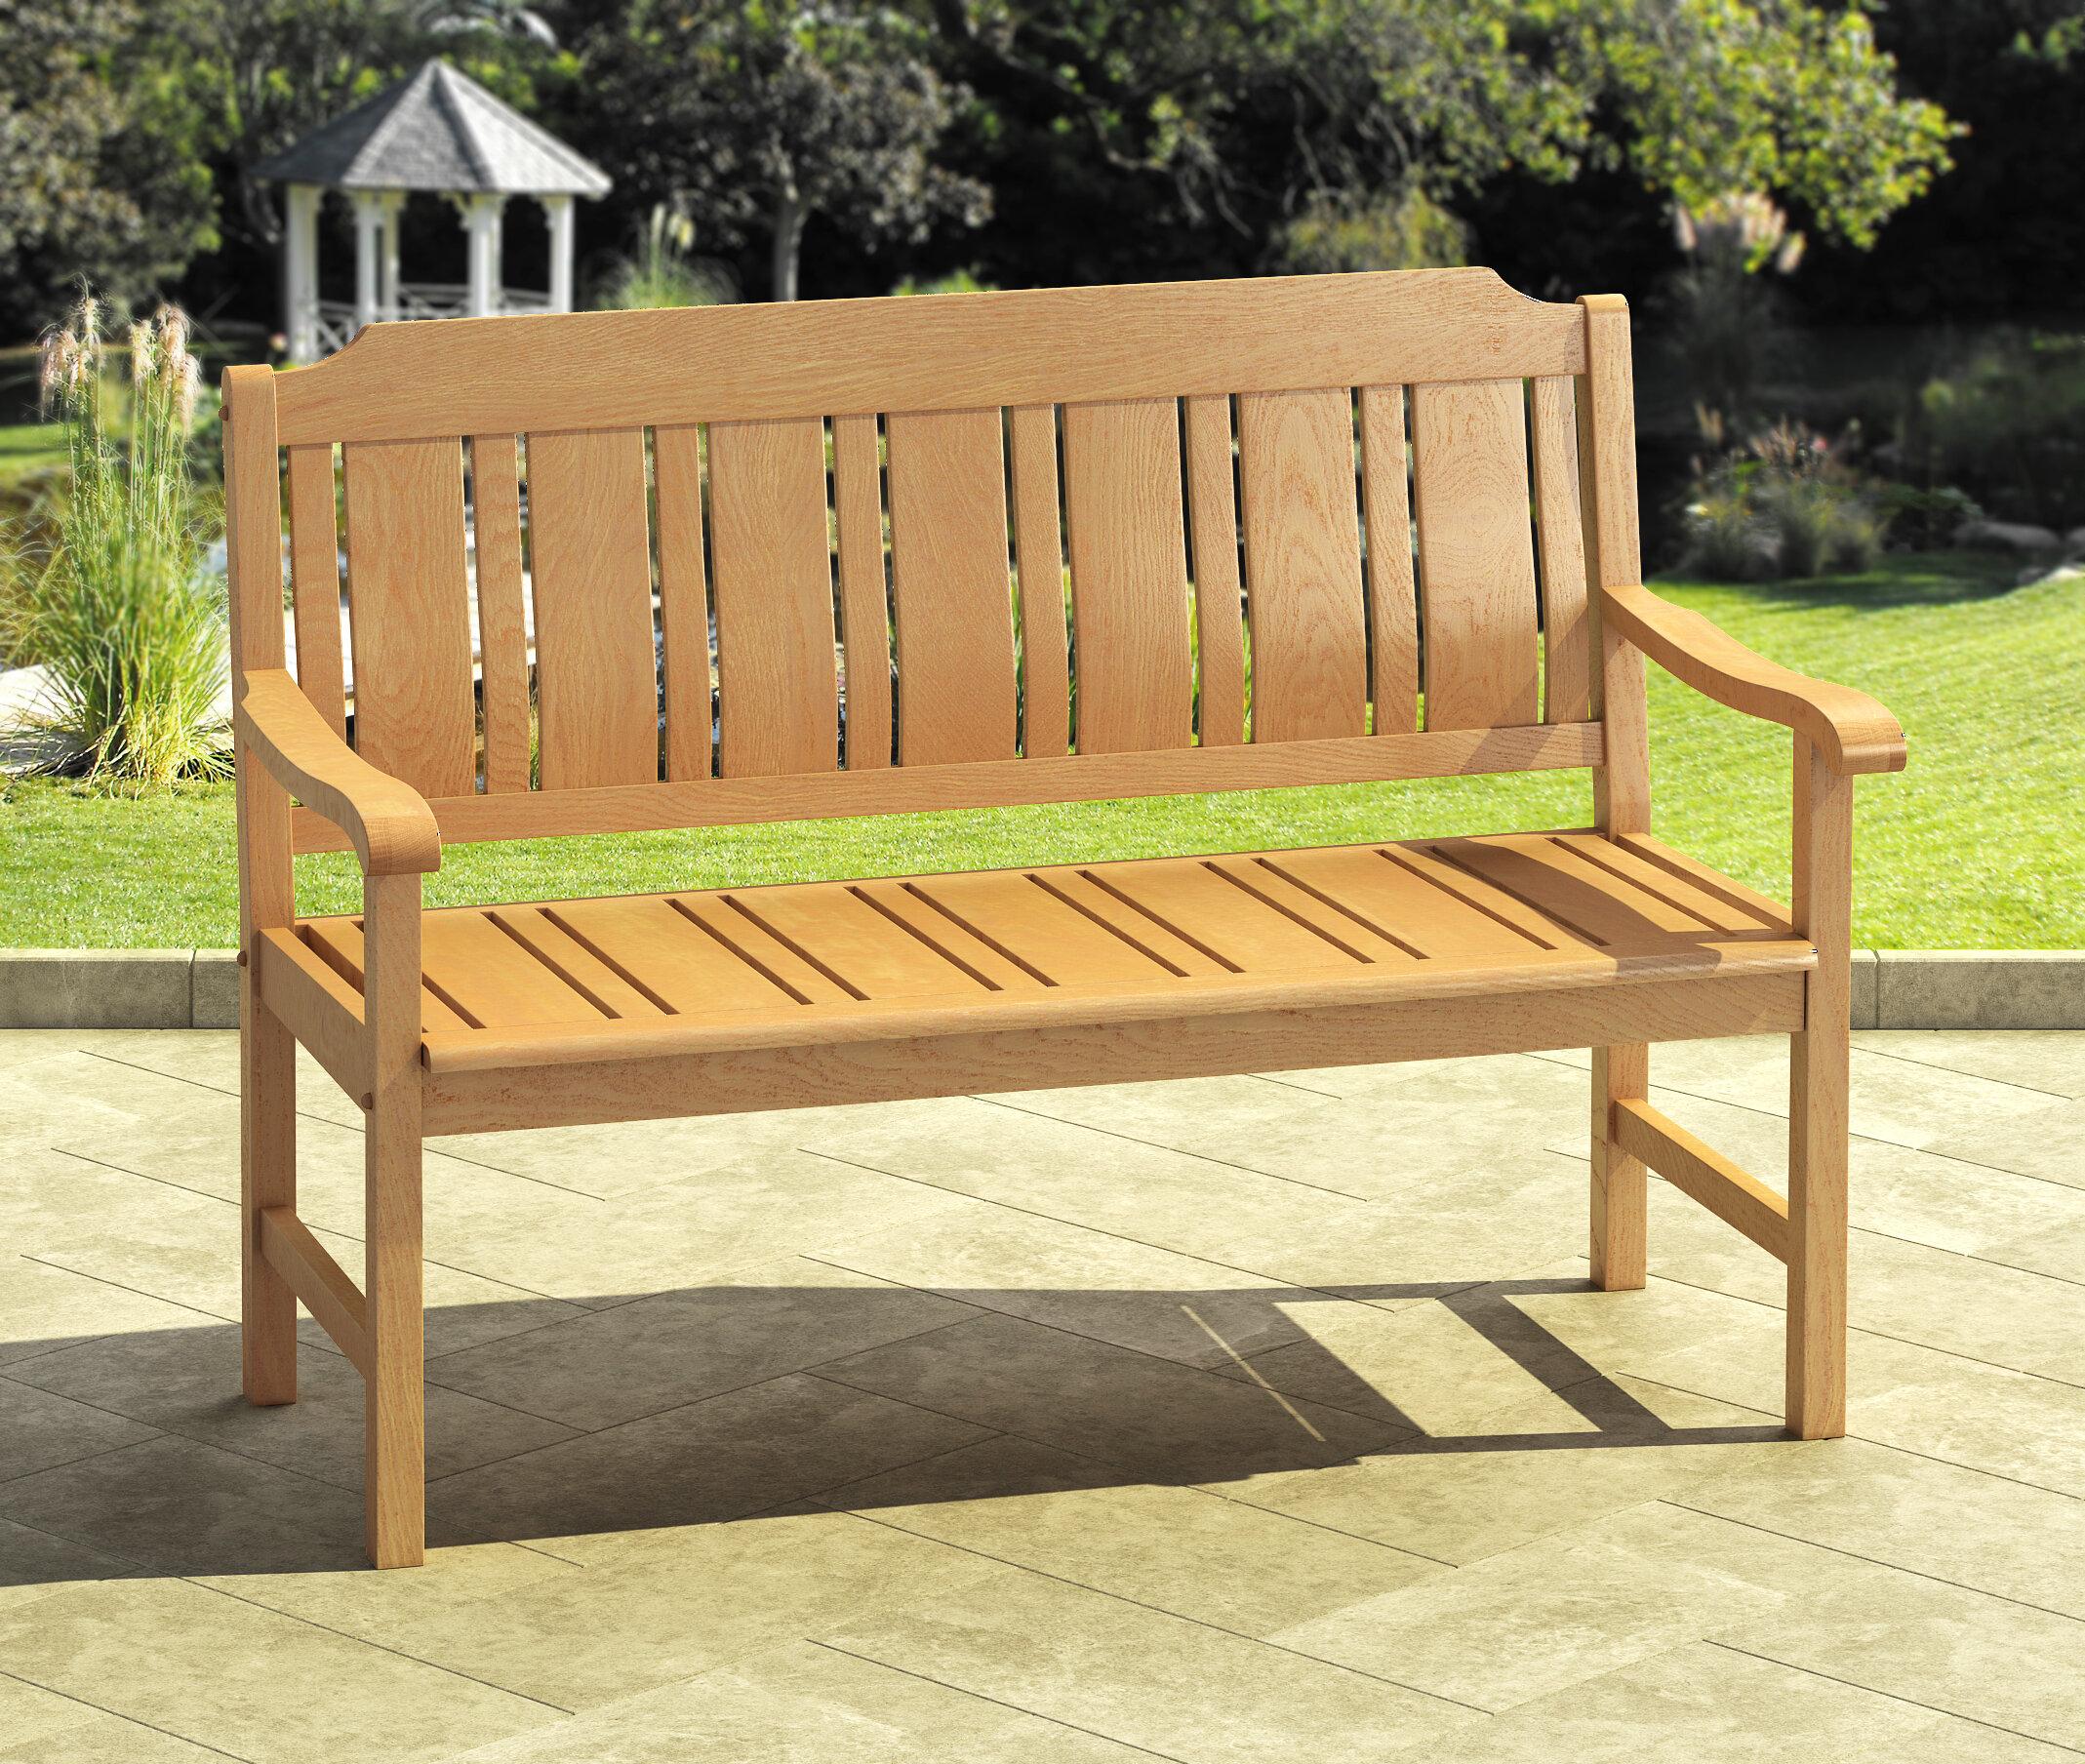 Isanti Wooden Garden Bench